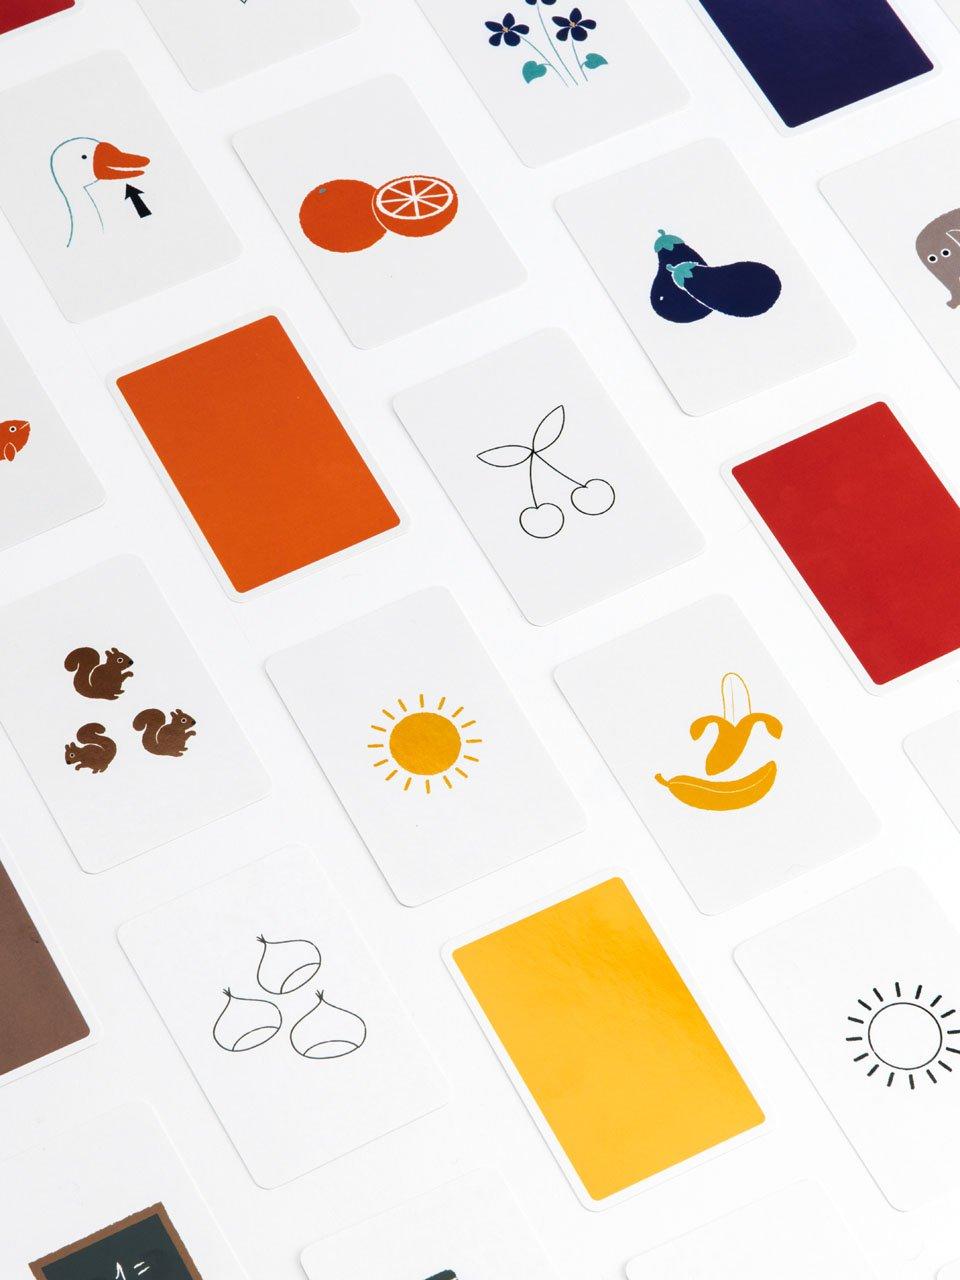 Giochinsieme - Colori e associazioni - Strumenti - Erickson 3